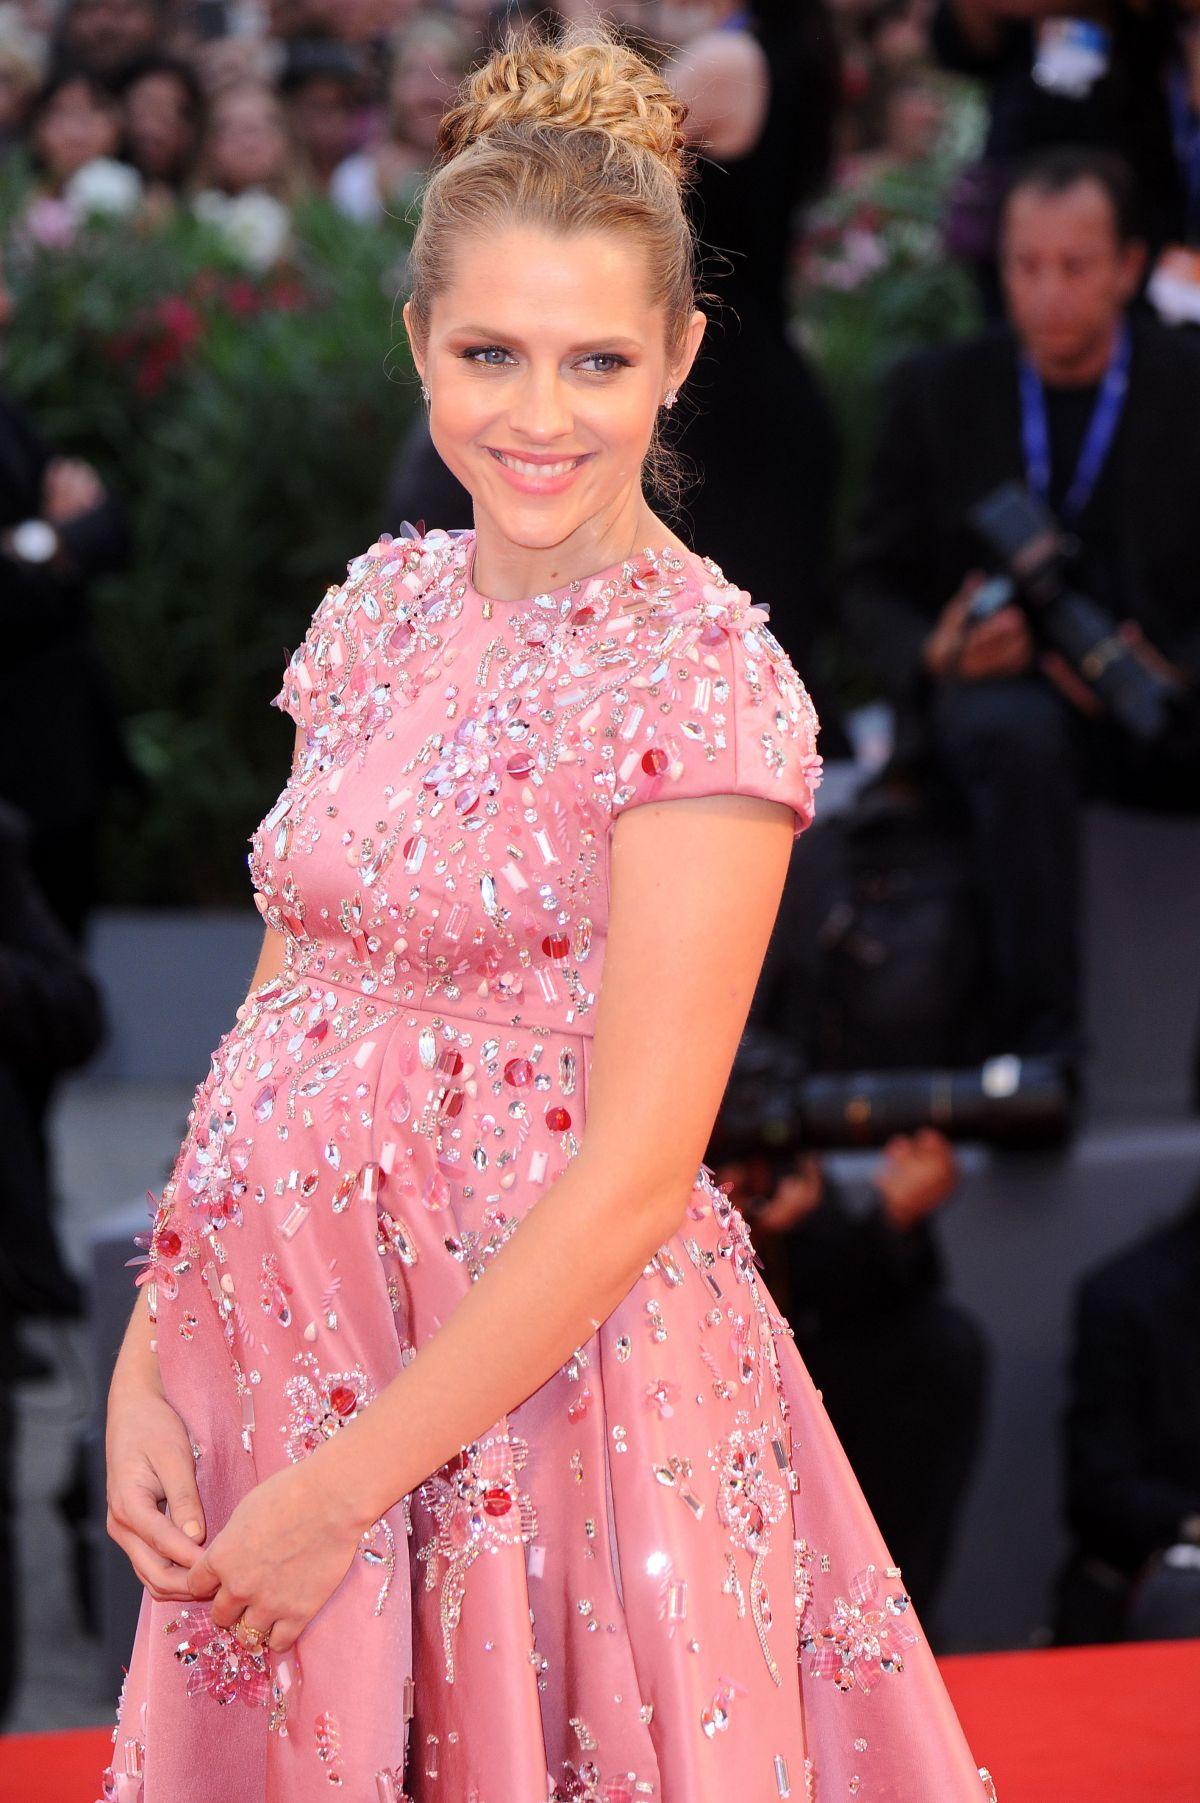 Pregnant TERESA PALMER at